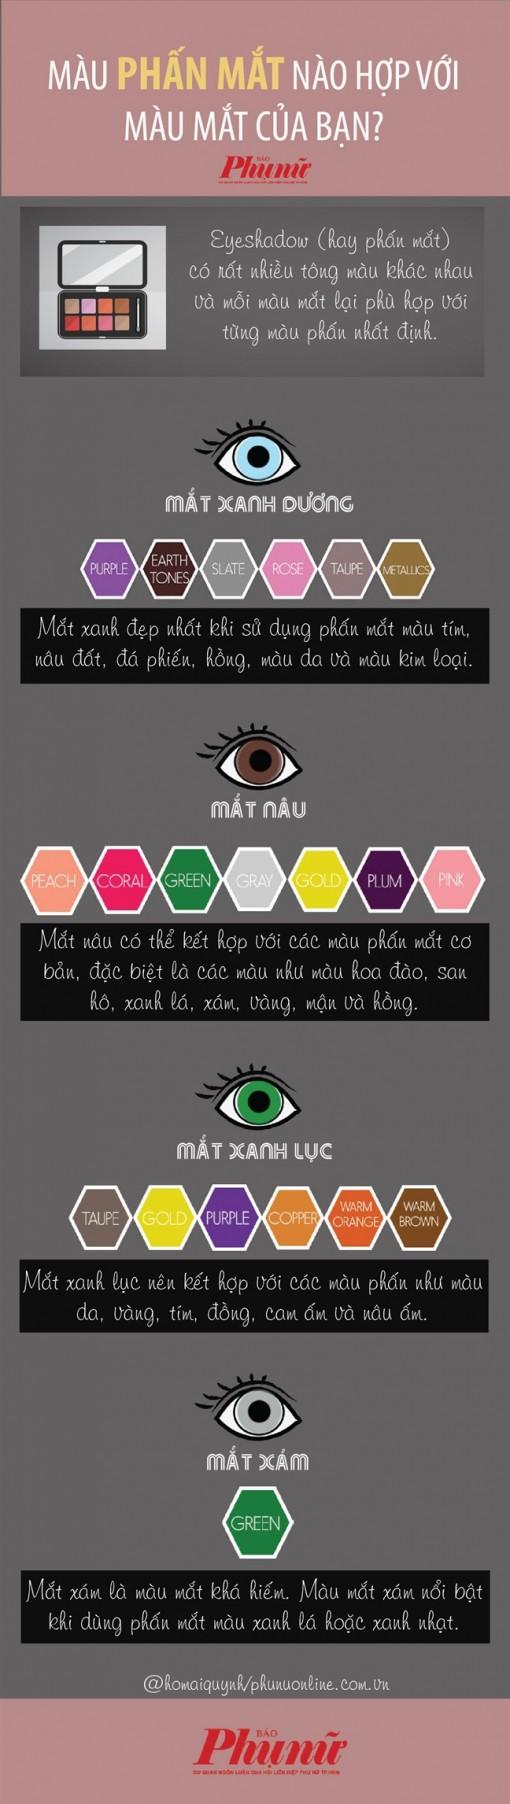 Cách chọn màu phấn mắt phù hợp với màu mắt của bạn?